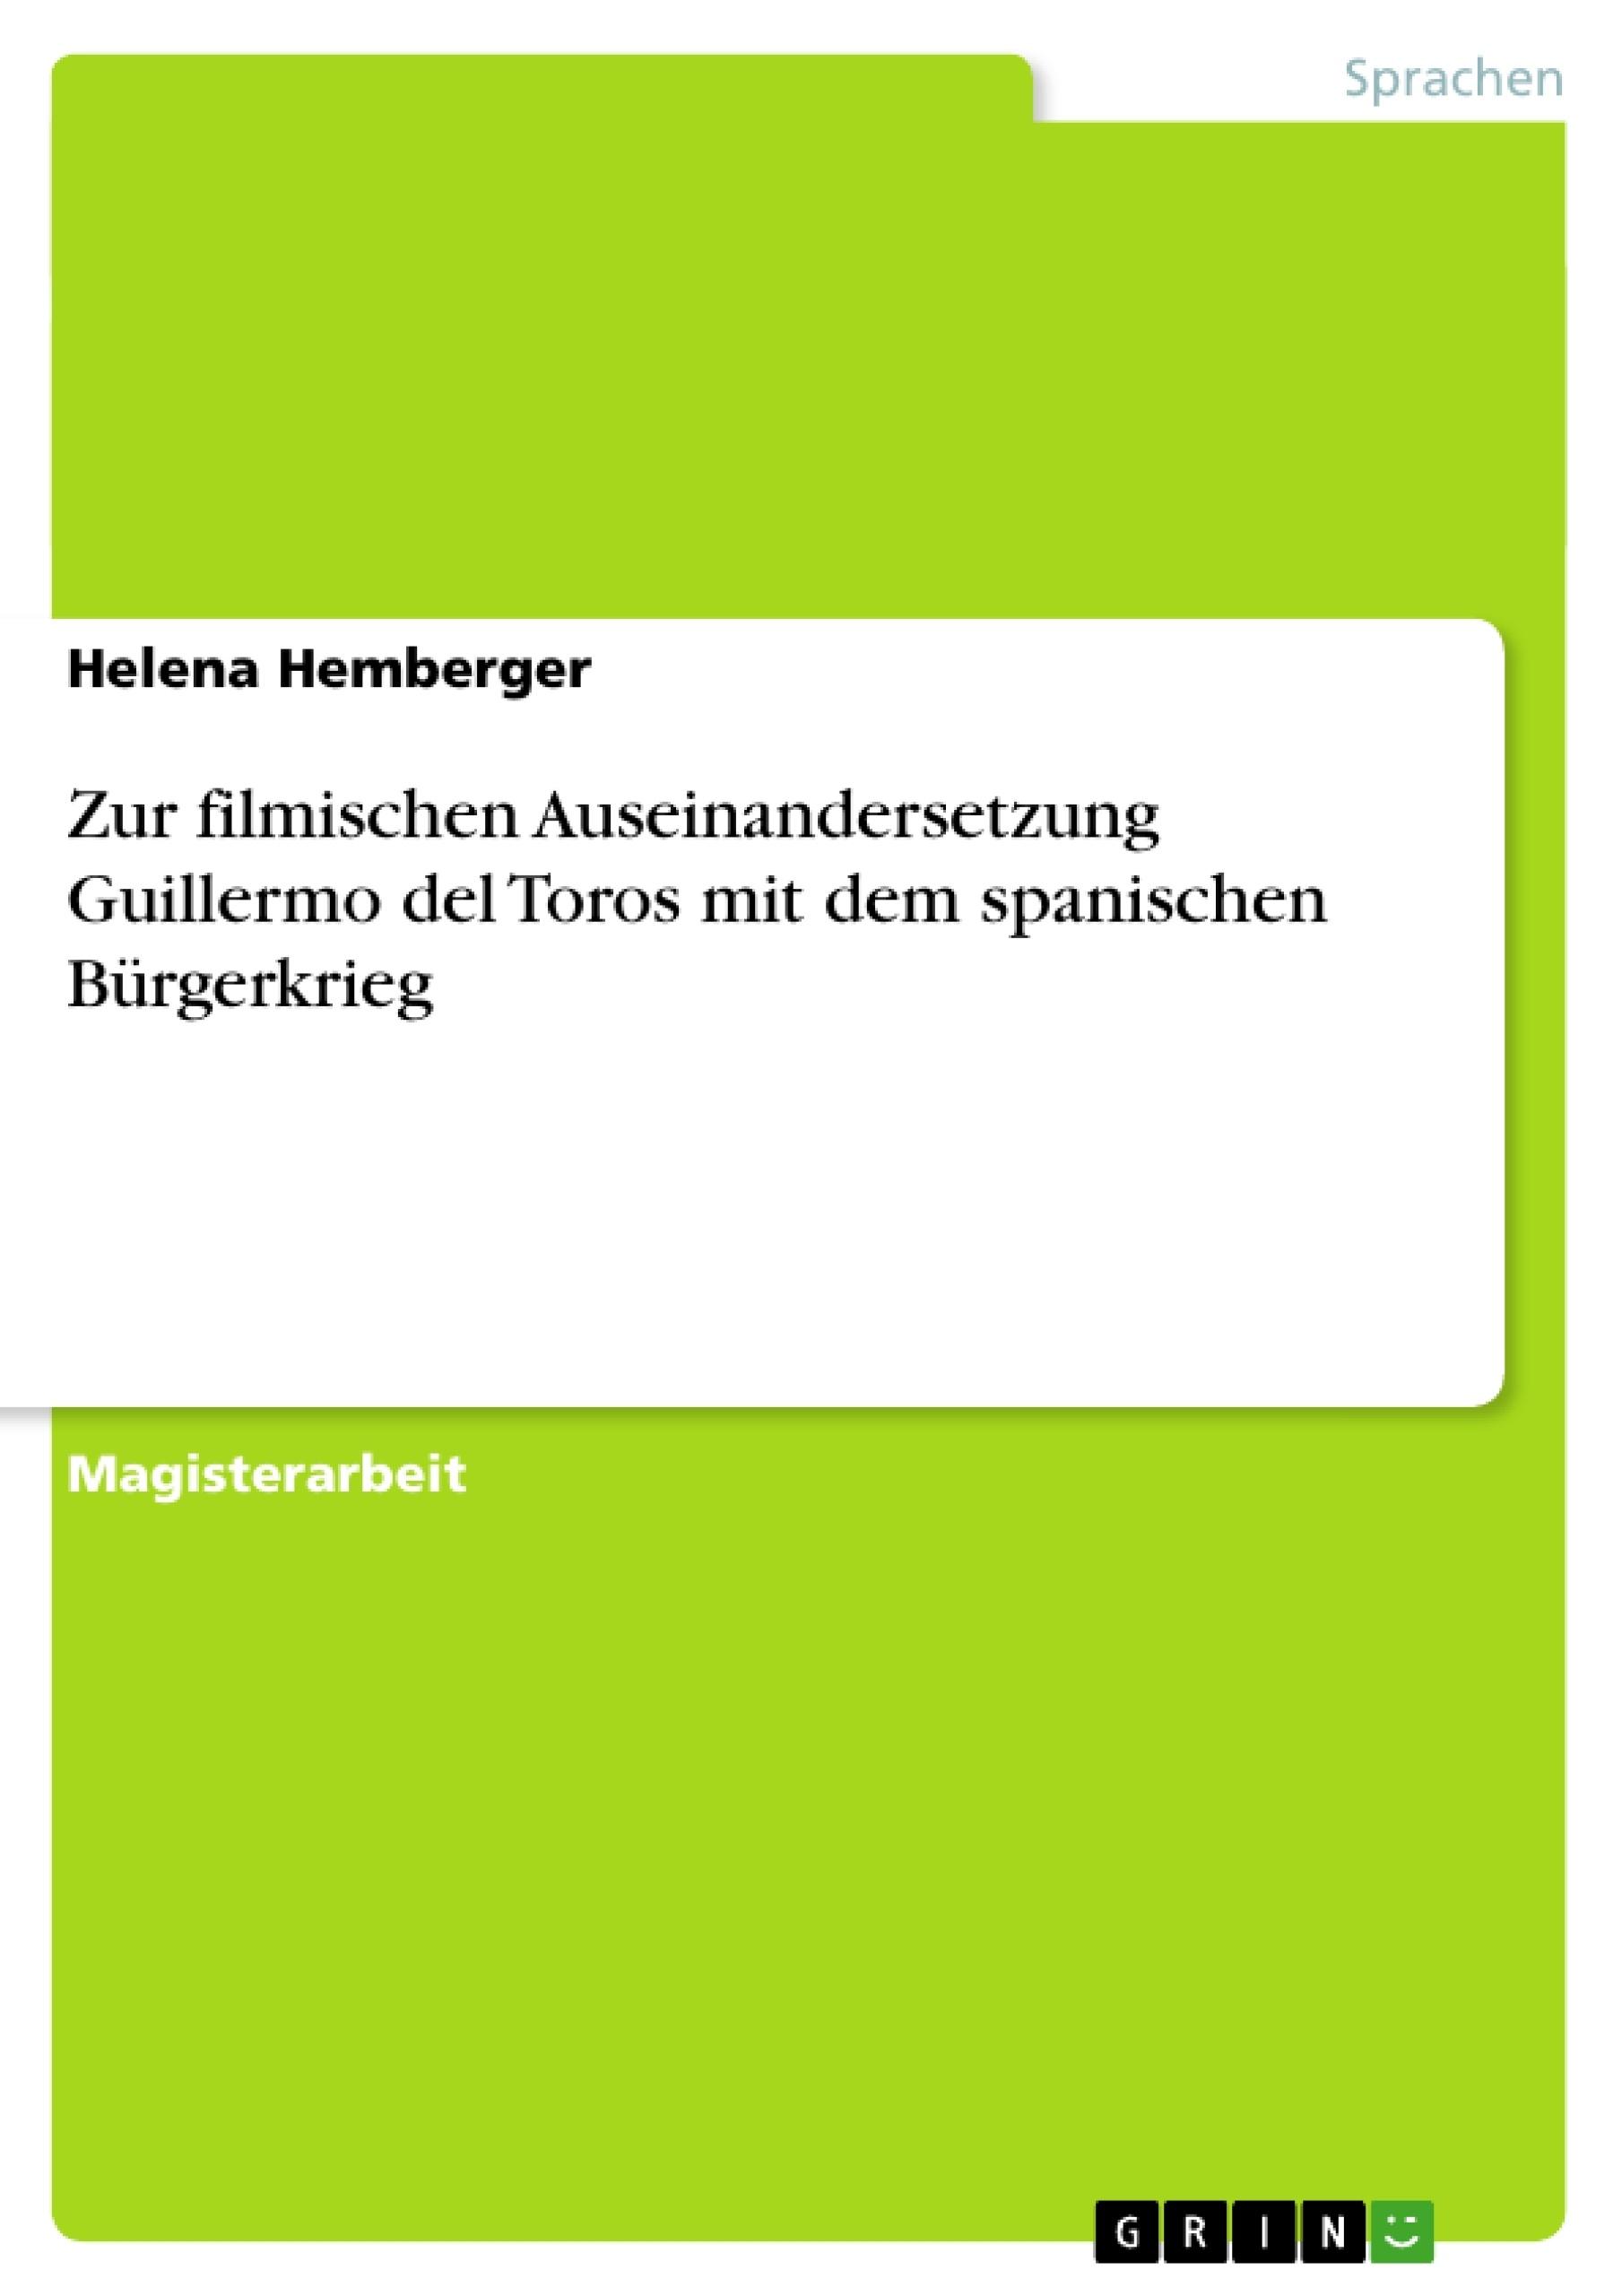 Titel: Zur filmischen Auseinandersetzung Guillermo del Toros mit dem spanischen Bürgerkrieg